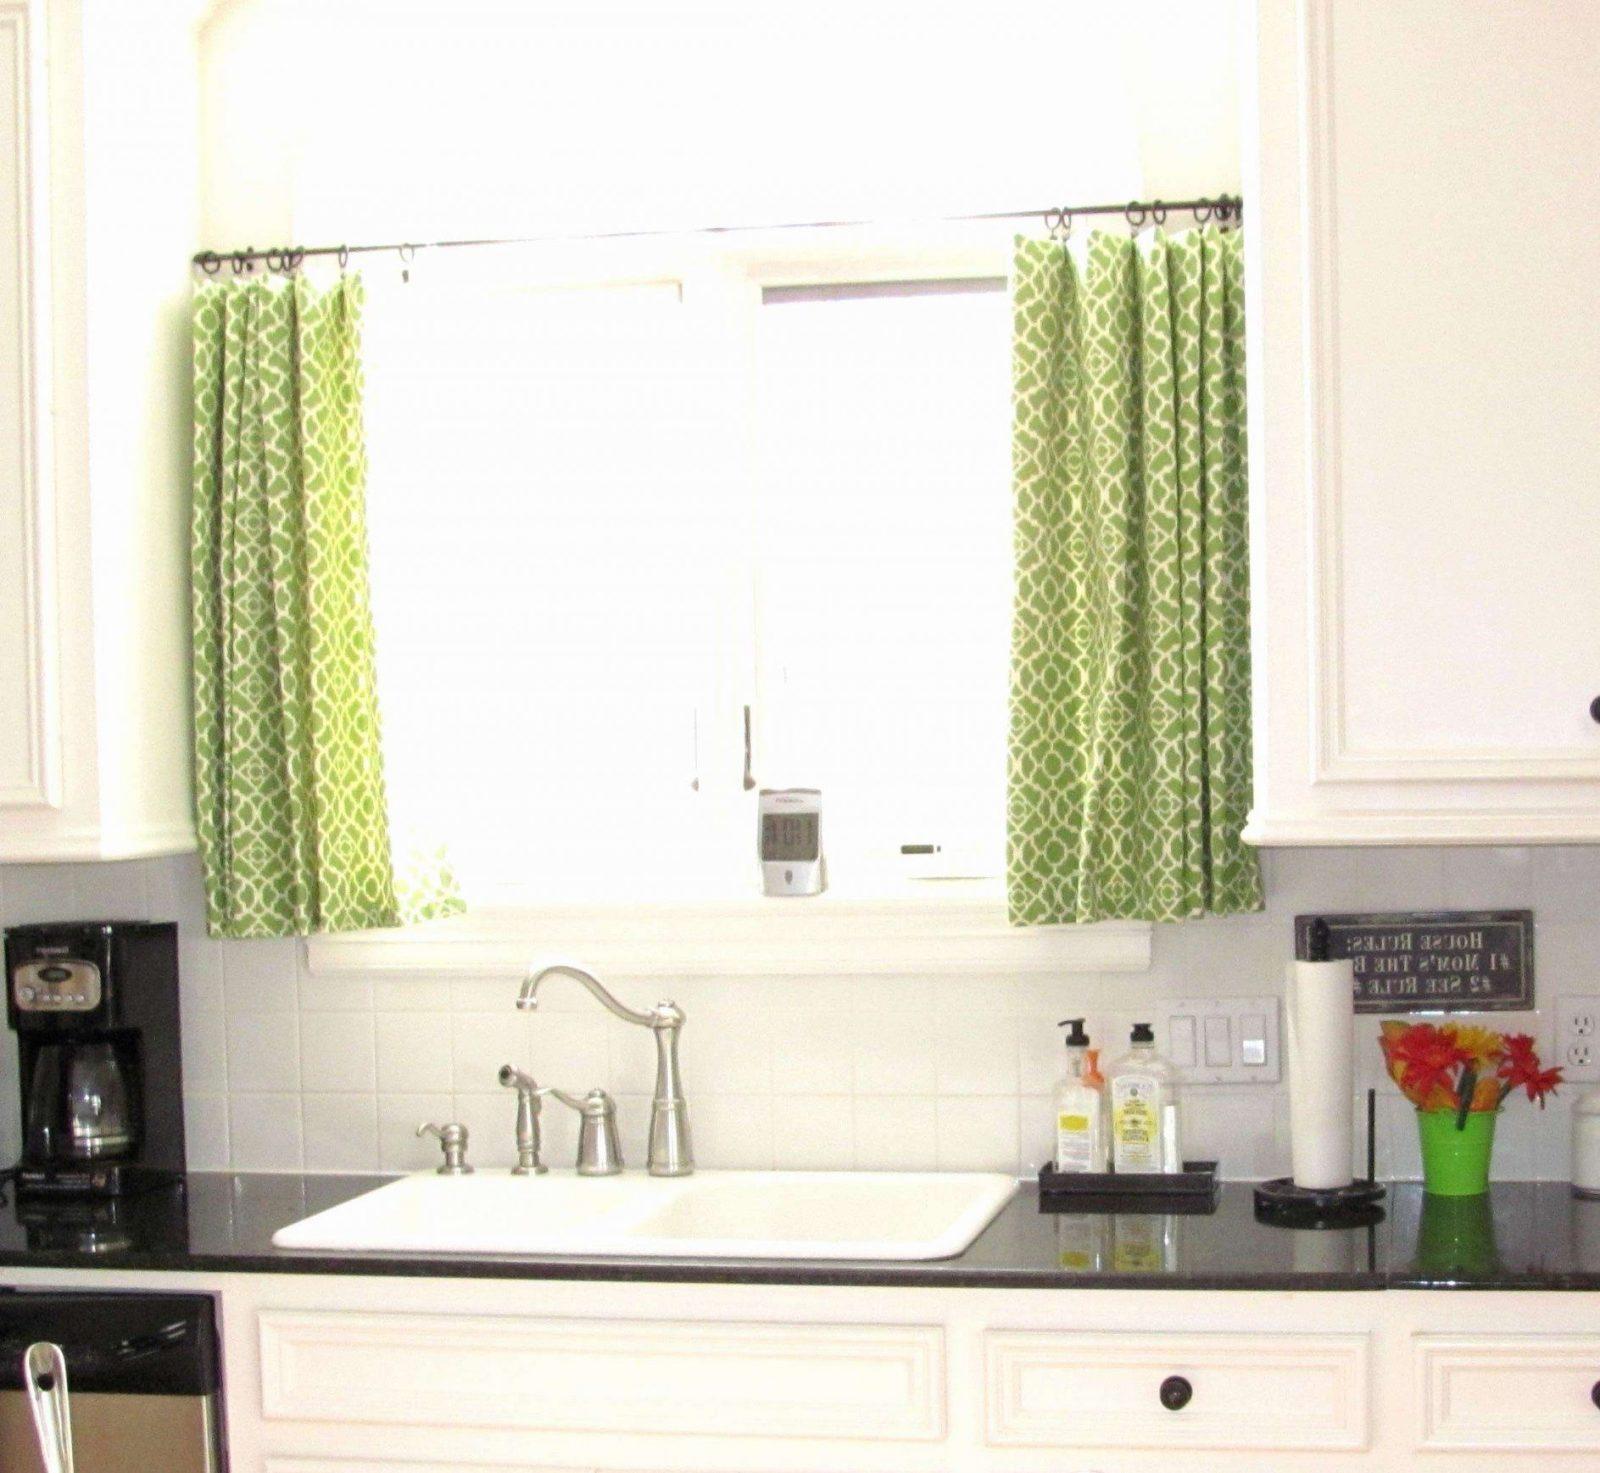 Full Size of Gardinen Für Küchenfenster Fenster Bilder So Waschen Und Pflegen Sie Ihre Die Küche Moderne Fürs Wohnzimmer Rollos Schlafzimmer Körbe Badezimmer Folien Wohnzimmer Gardinen Für Küchenfenster